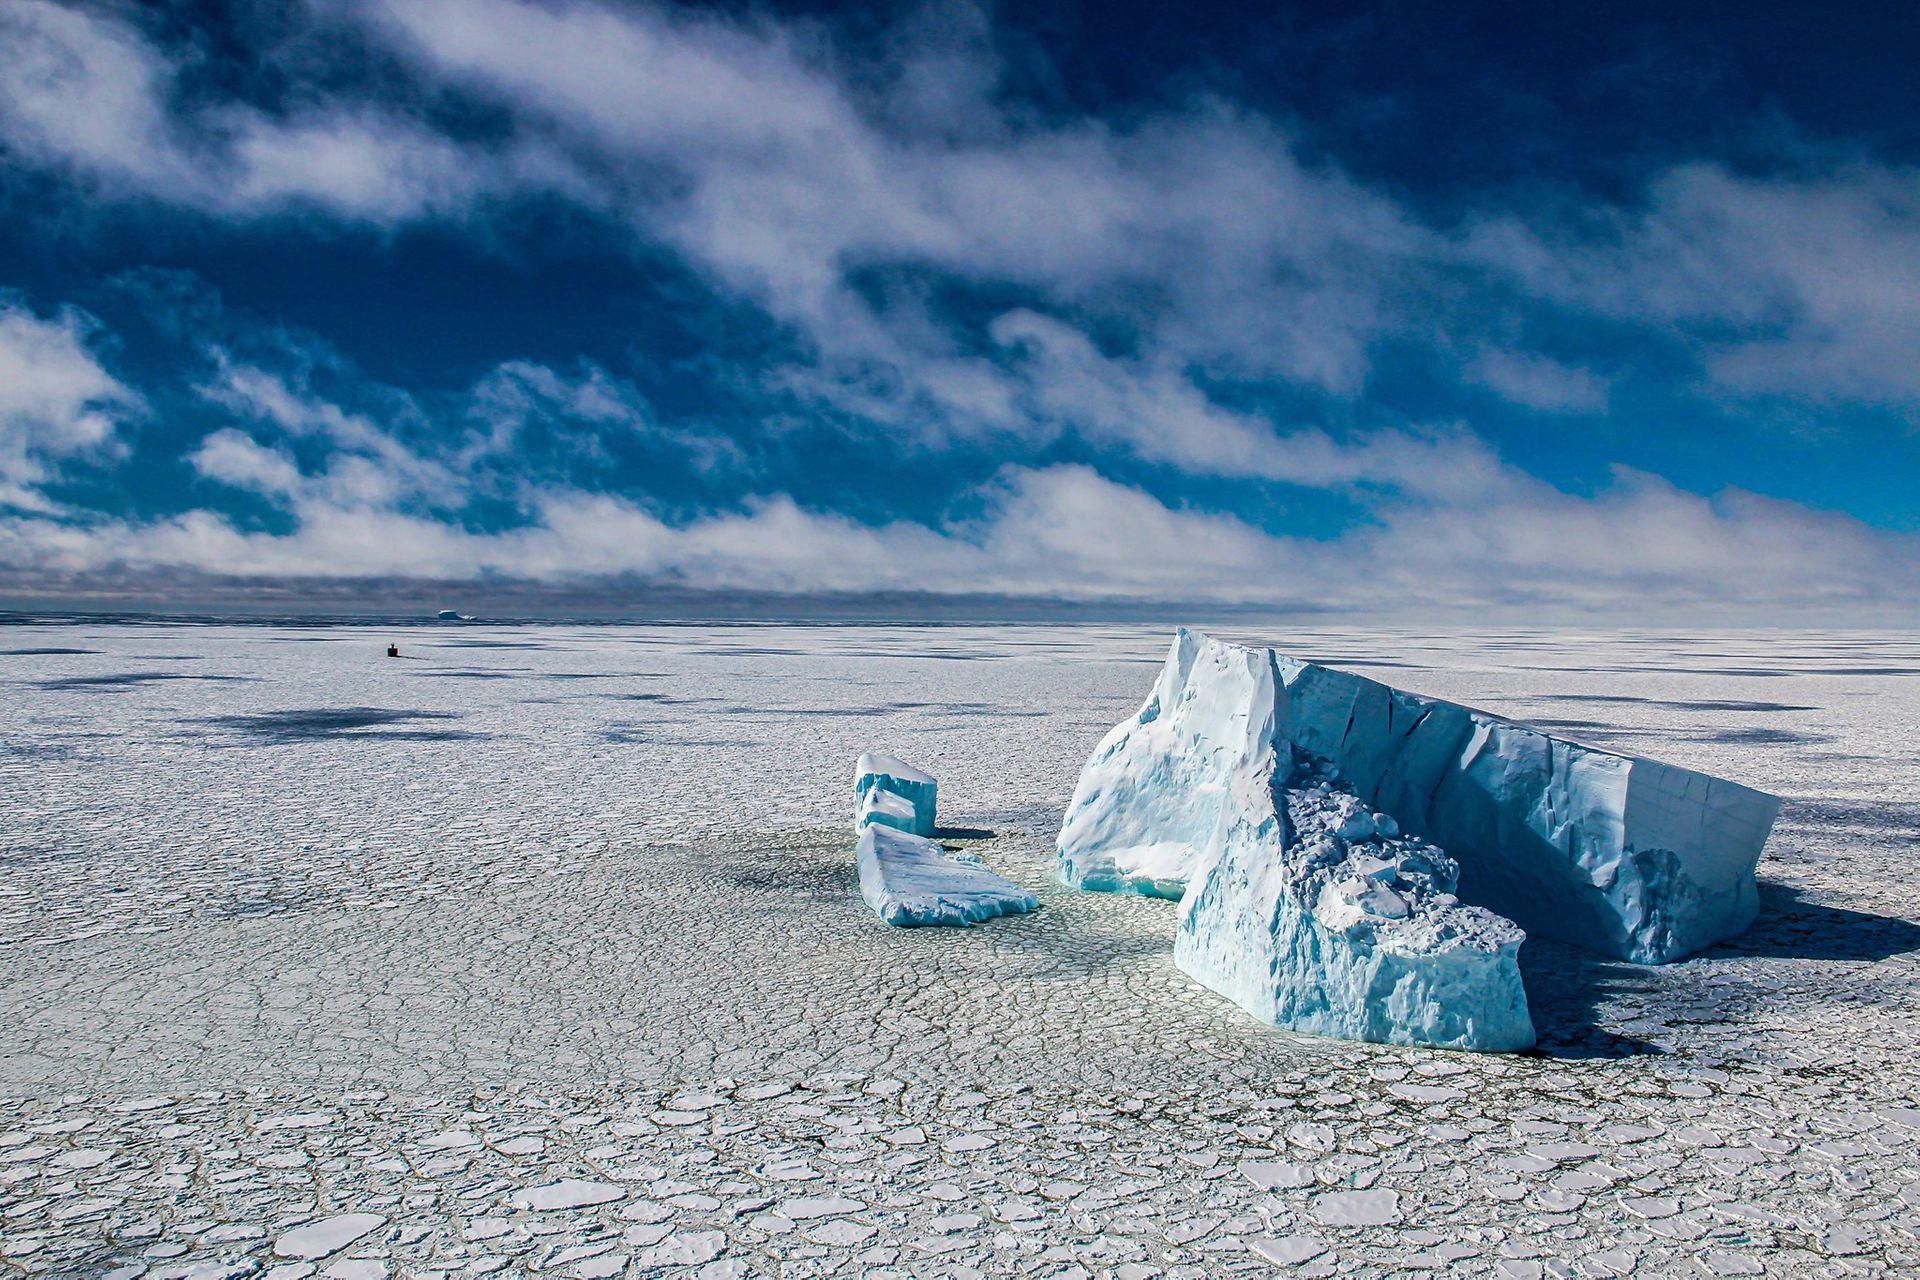 Фото — «Плавание между льдом и айсбергами в море Беллинсгаузена, Антарктика». Автор — Gonzalo Bertolotto.